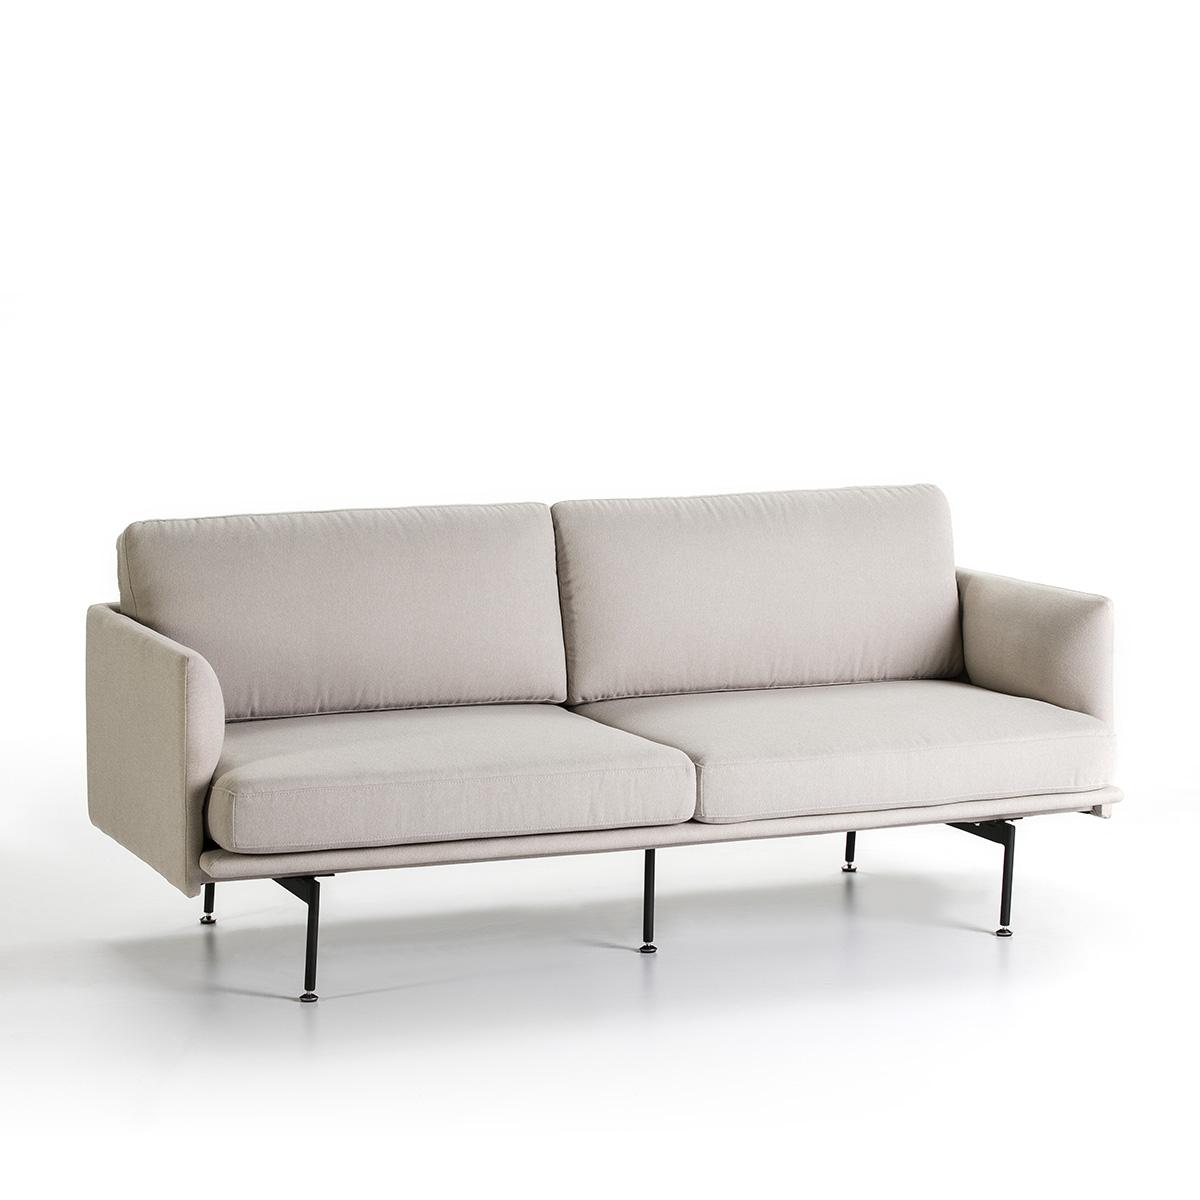 Sofas Con Patas Altas 9ddf sofa De Diseà O Moderno 170 Con Patas Altas Primera Avenida